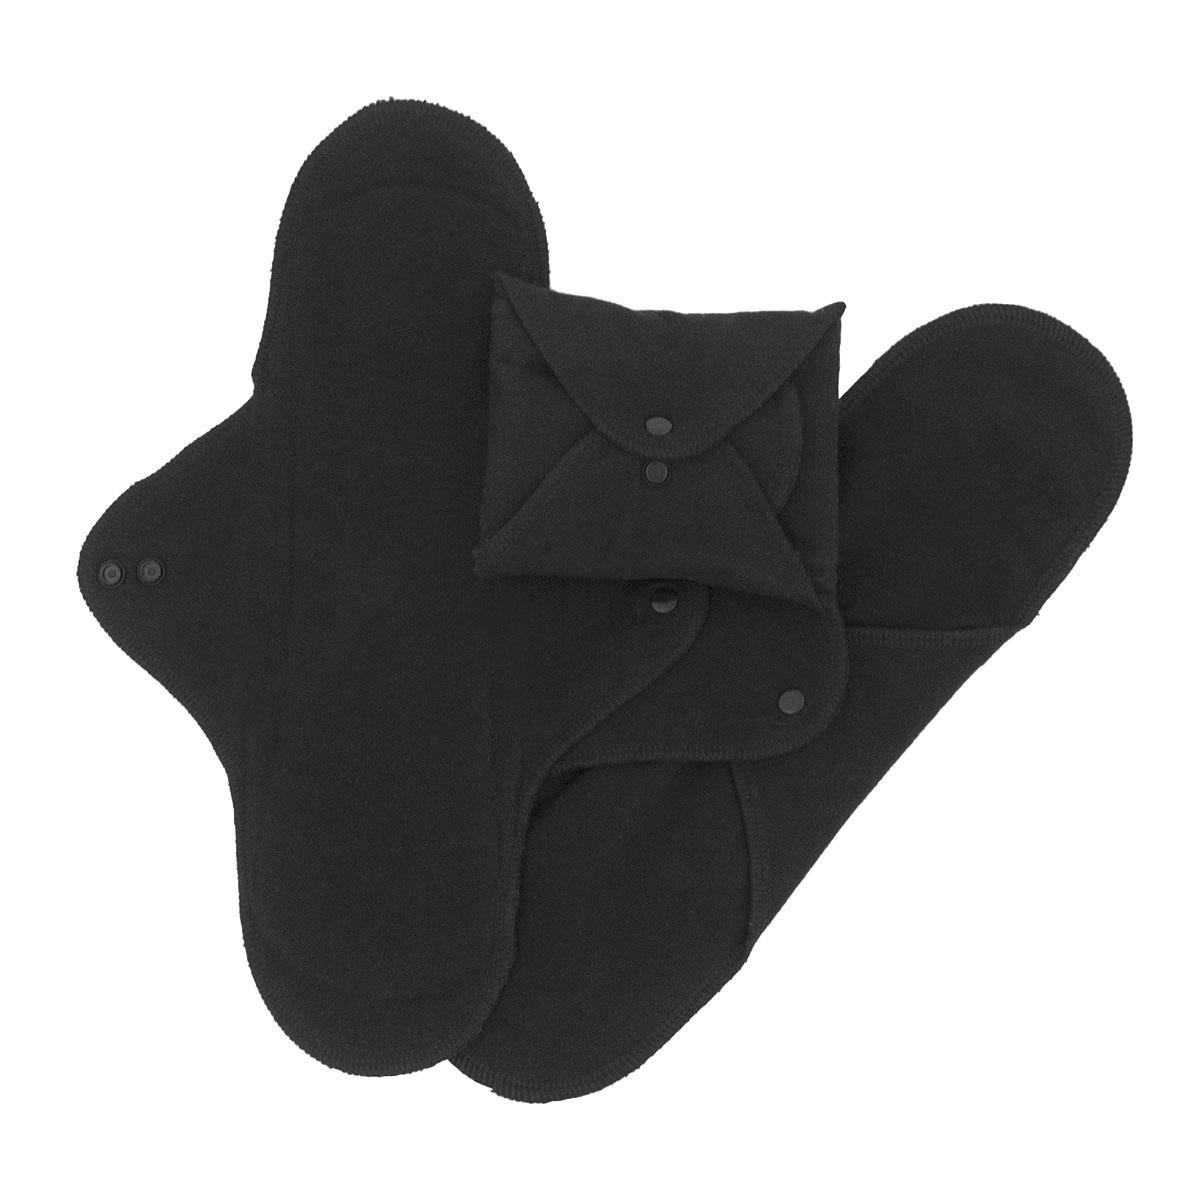 ImseVimse ekologiskaImseVimse tygbinda Classic large/natt ekologisk svart 3-pack